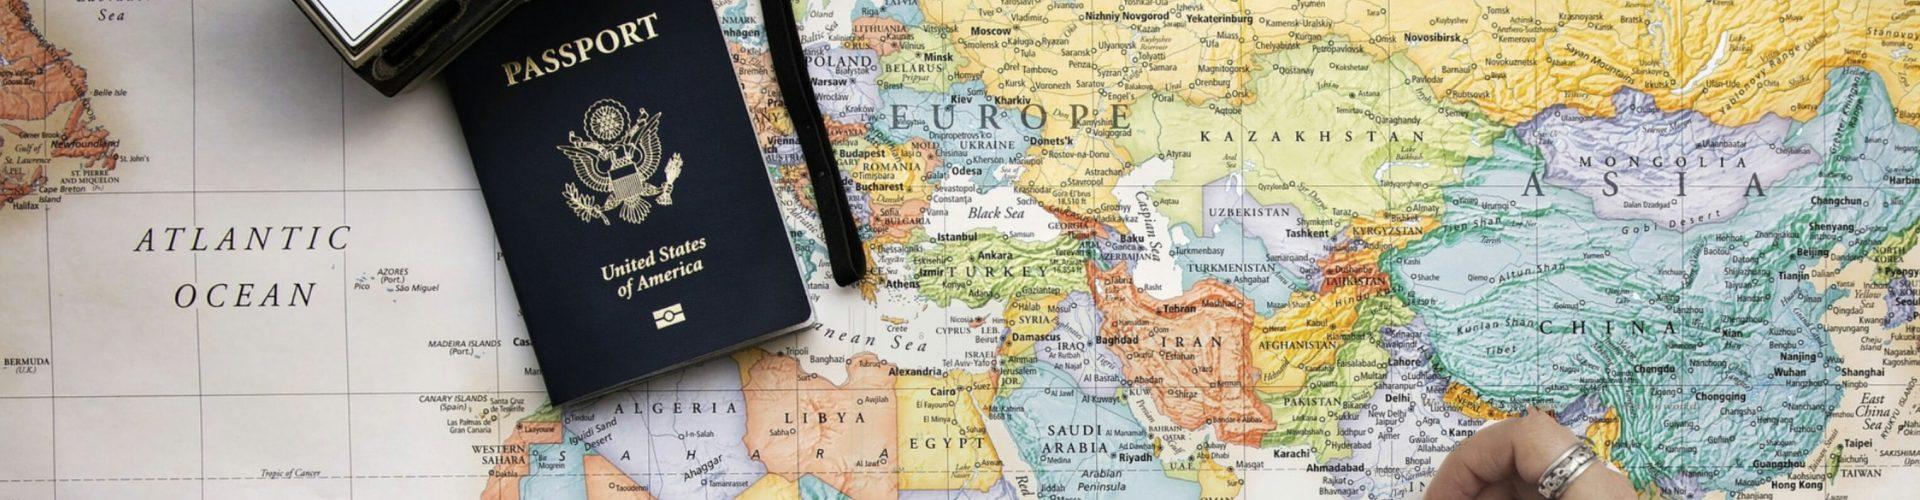 Stati Uniti e autorizzazione Esta per il viaggio: come fare e a chi rivolgersi